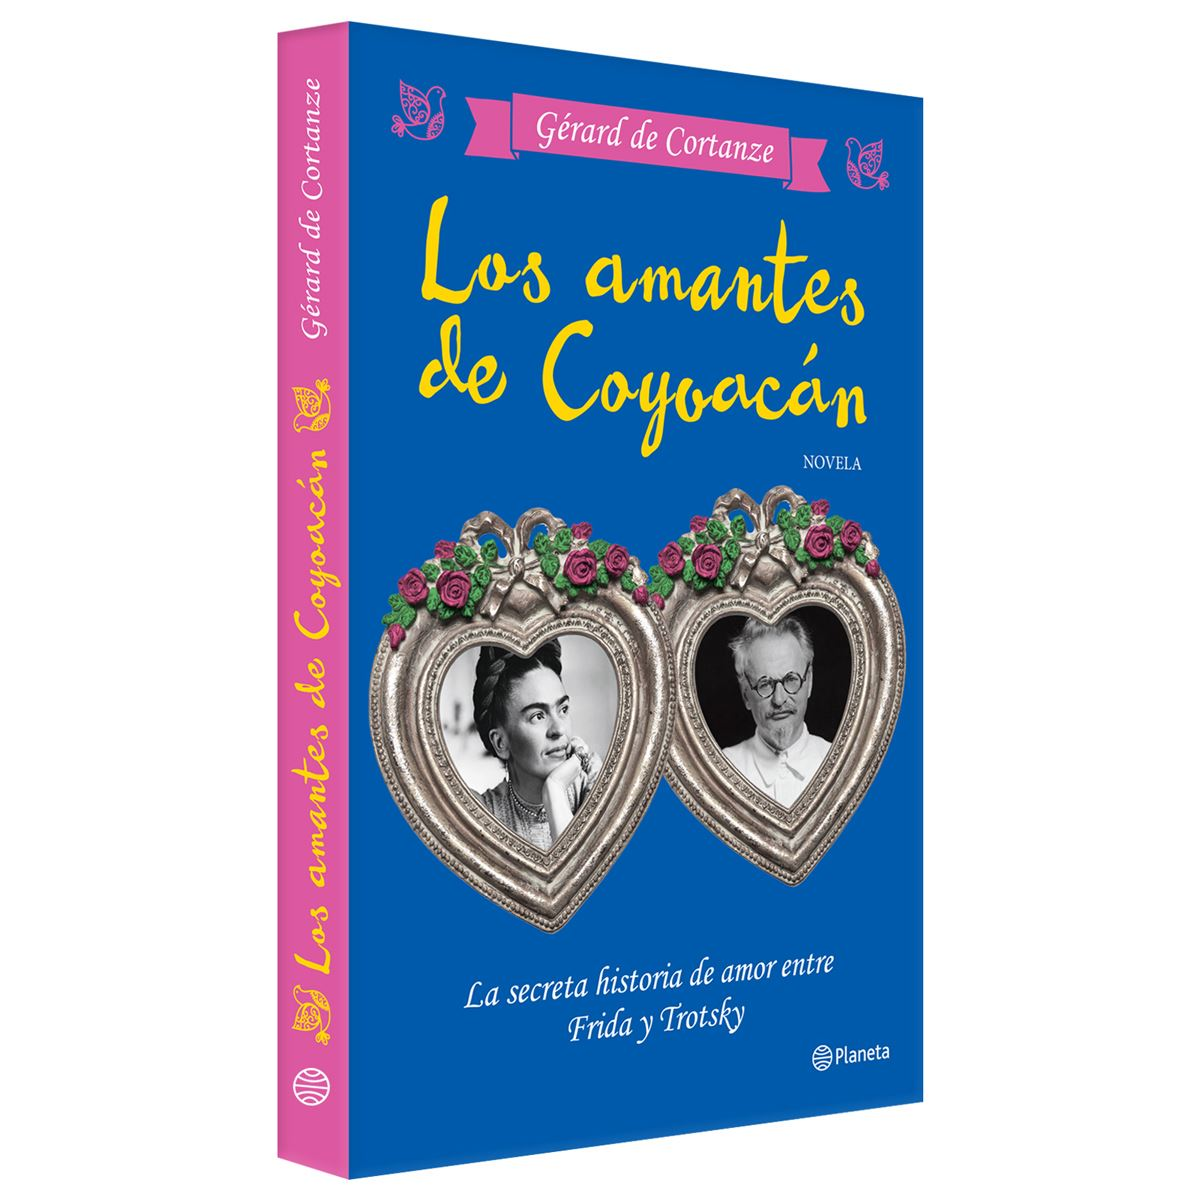 Los amantes de coyoacán Libro - Sanborns